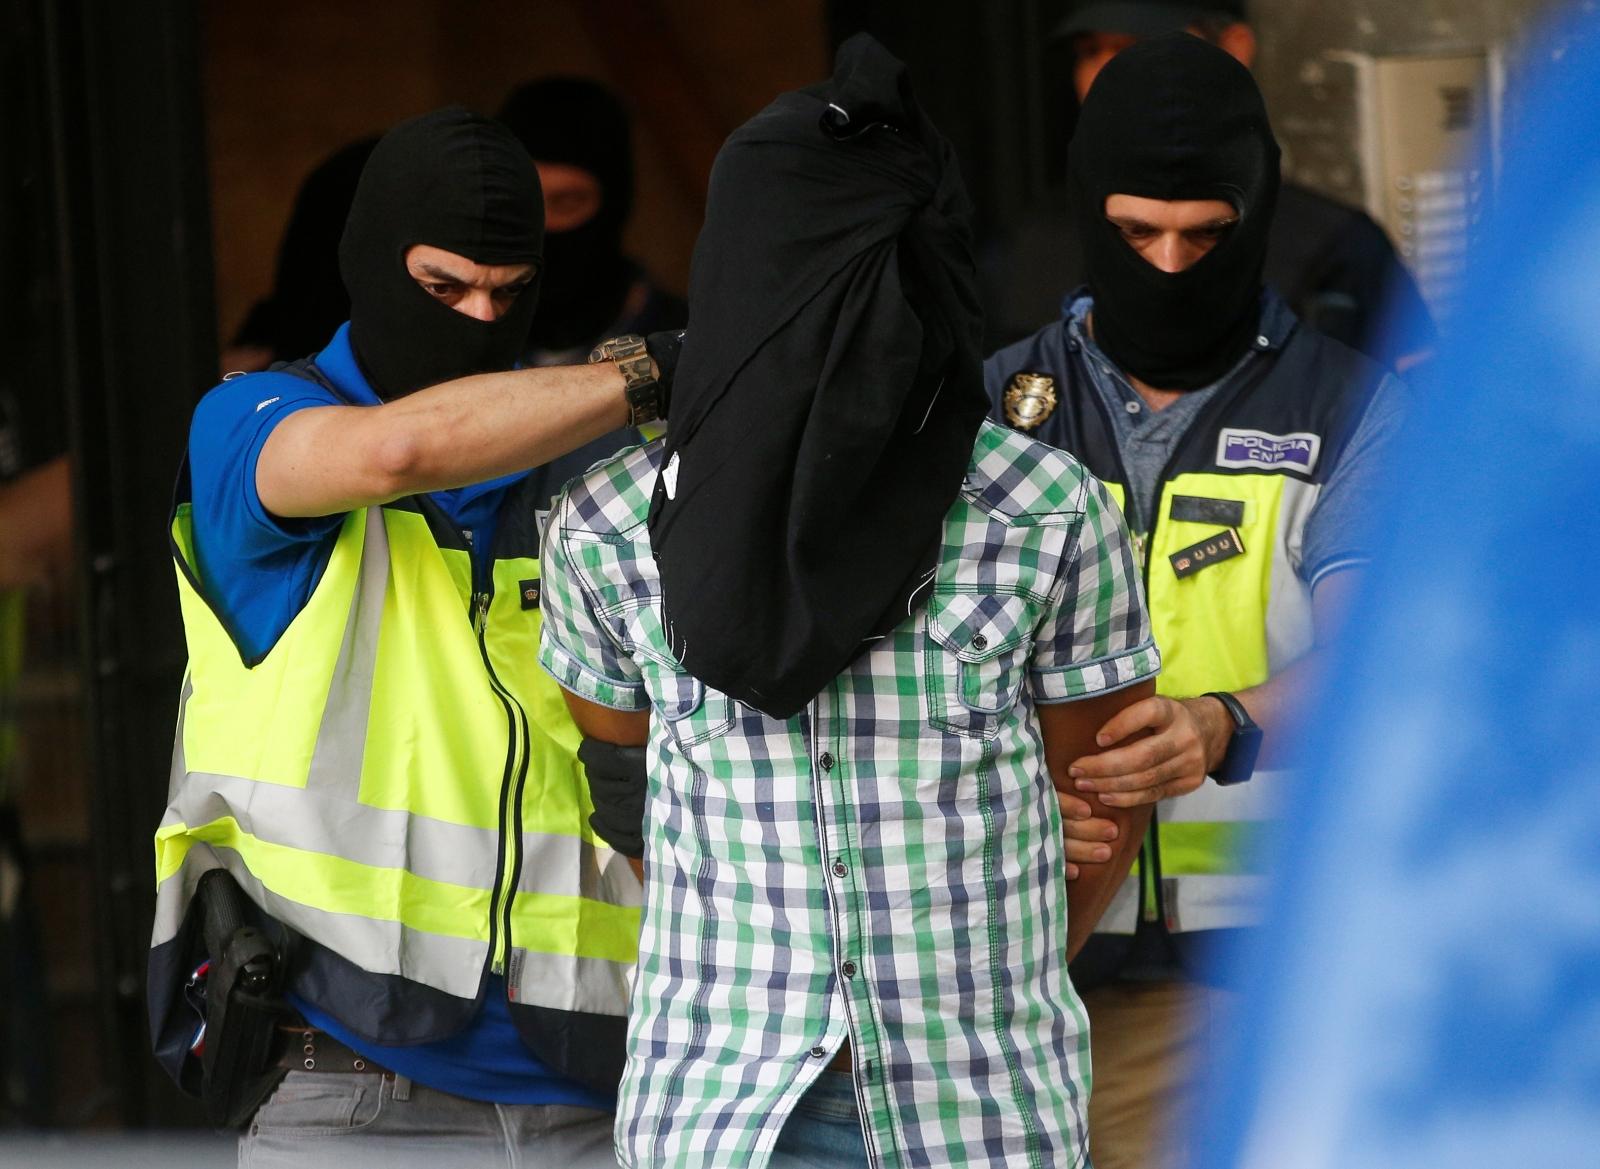 Spain Morocco Isis Suicide Jihad